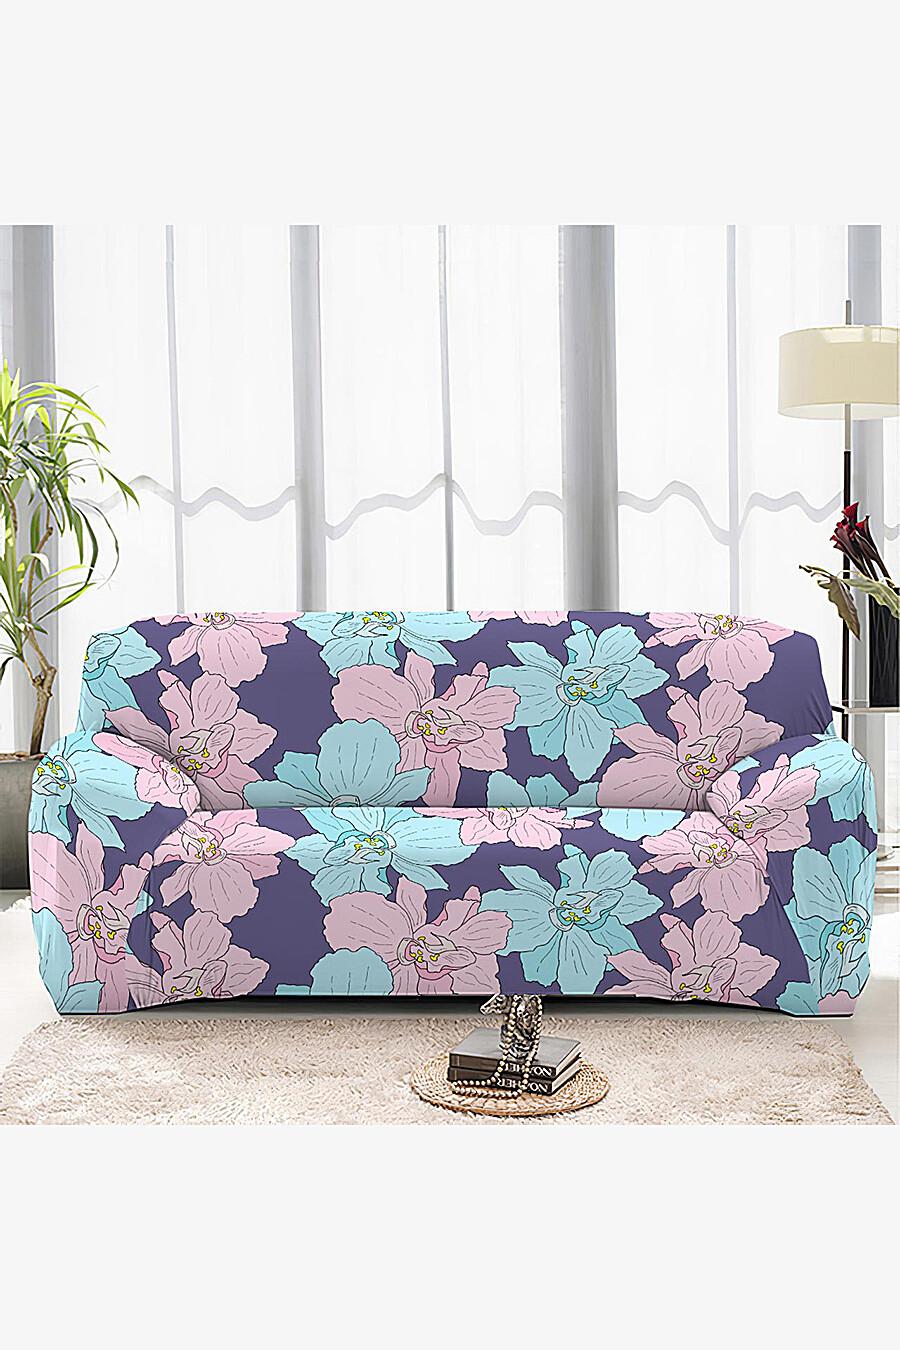 Чехол на диван для дома ART HOME TEXTILE 162812 купить оптом от производителя. Совместная покупка товаров для дома в OptMoyo